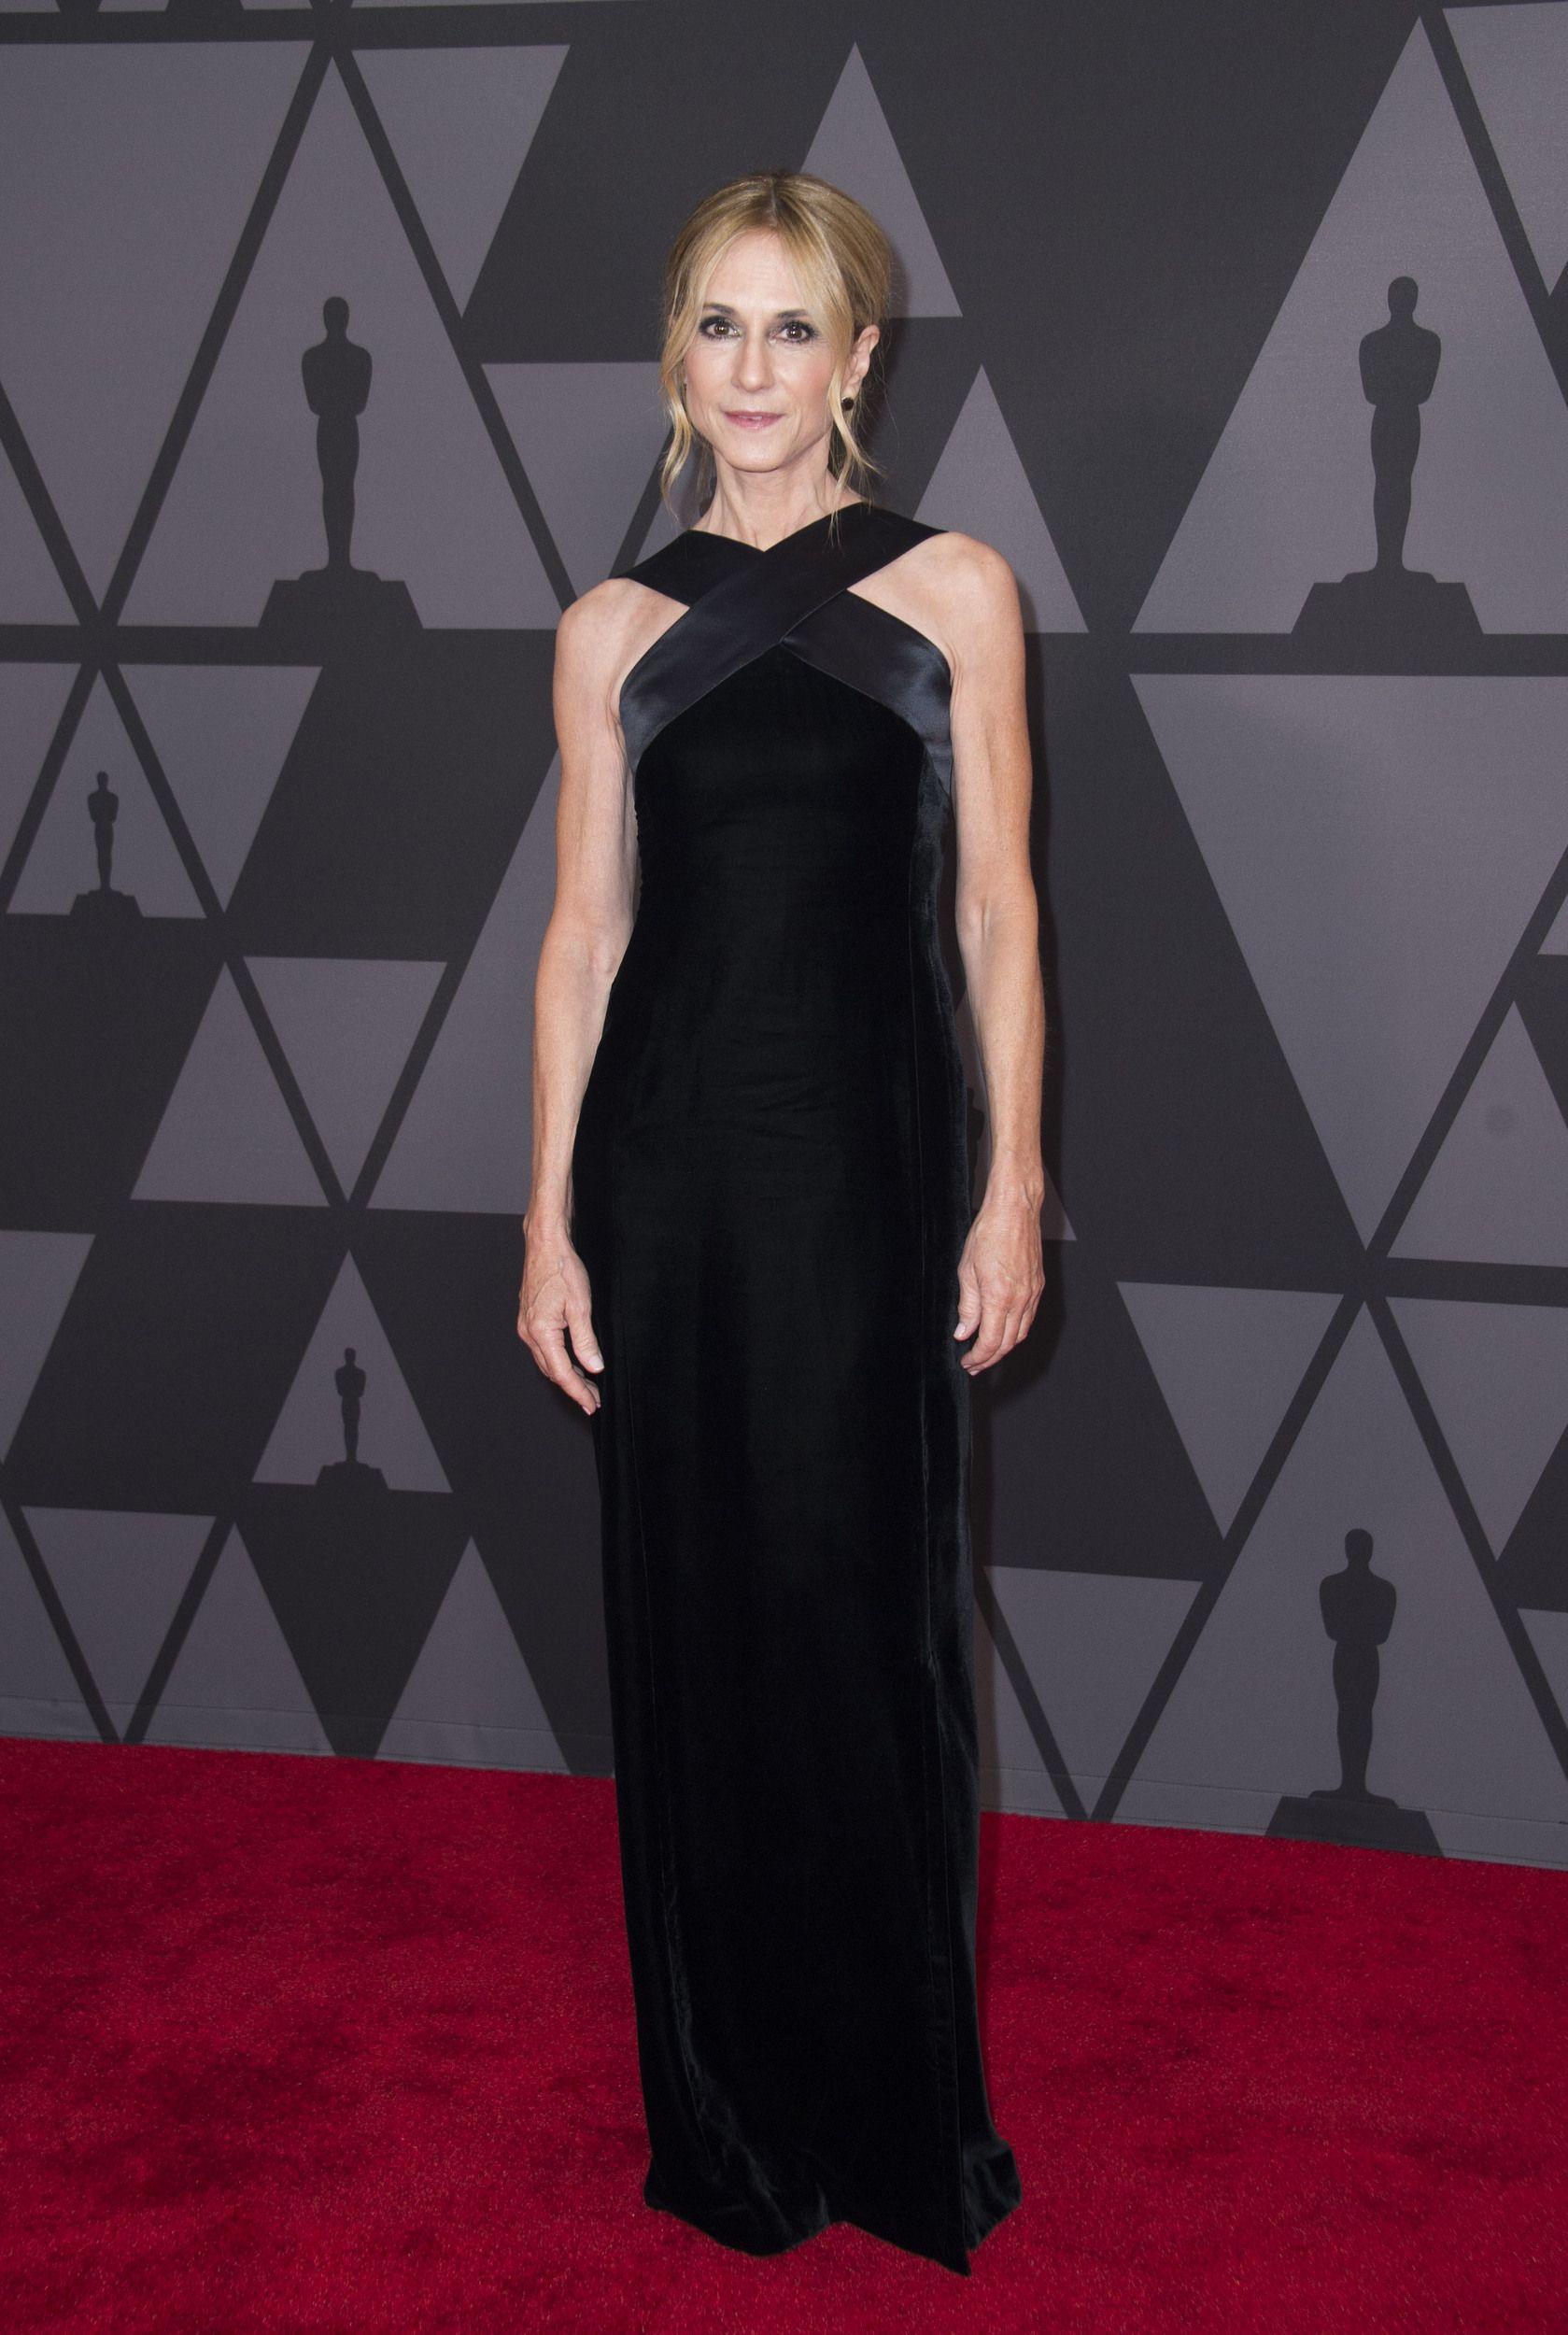 4883e81467551 Jennifer Lawrence hilariously photobombed Emma Stone at a star ...